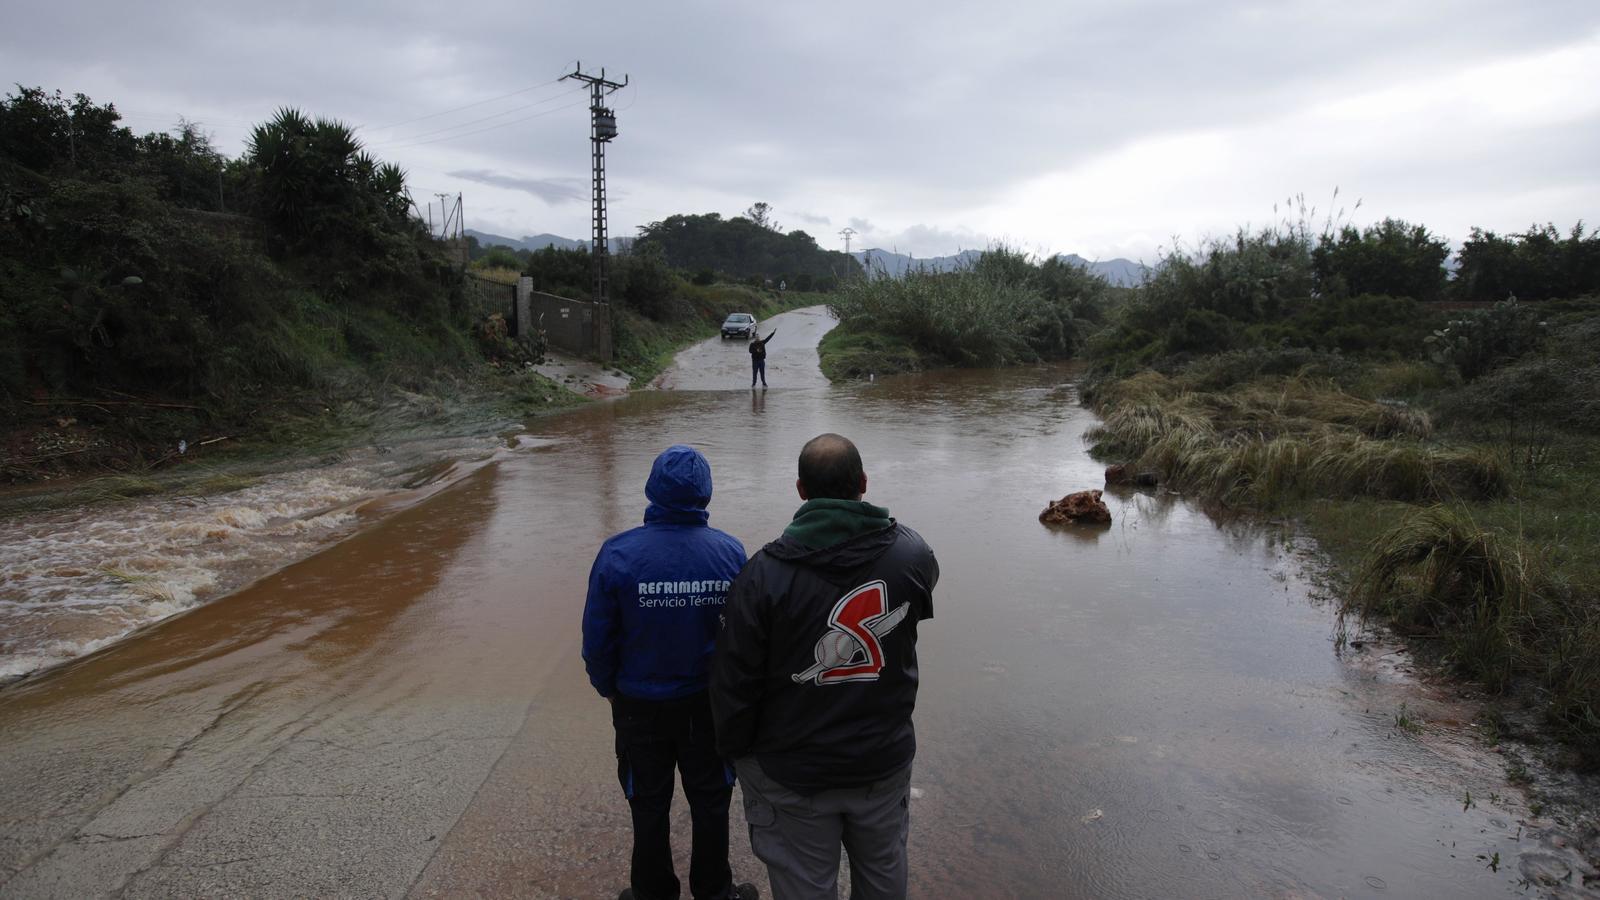 Les pluges de més de 300 litres provoquen la suspensió de les classes a la comarca valenciana de la Safor